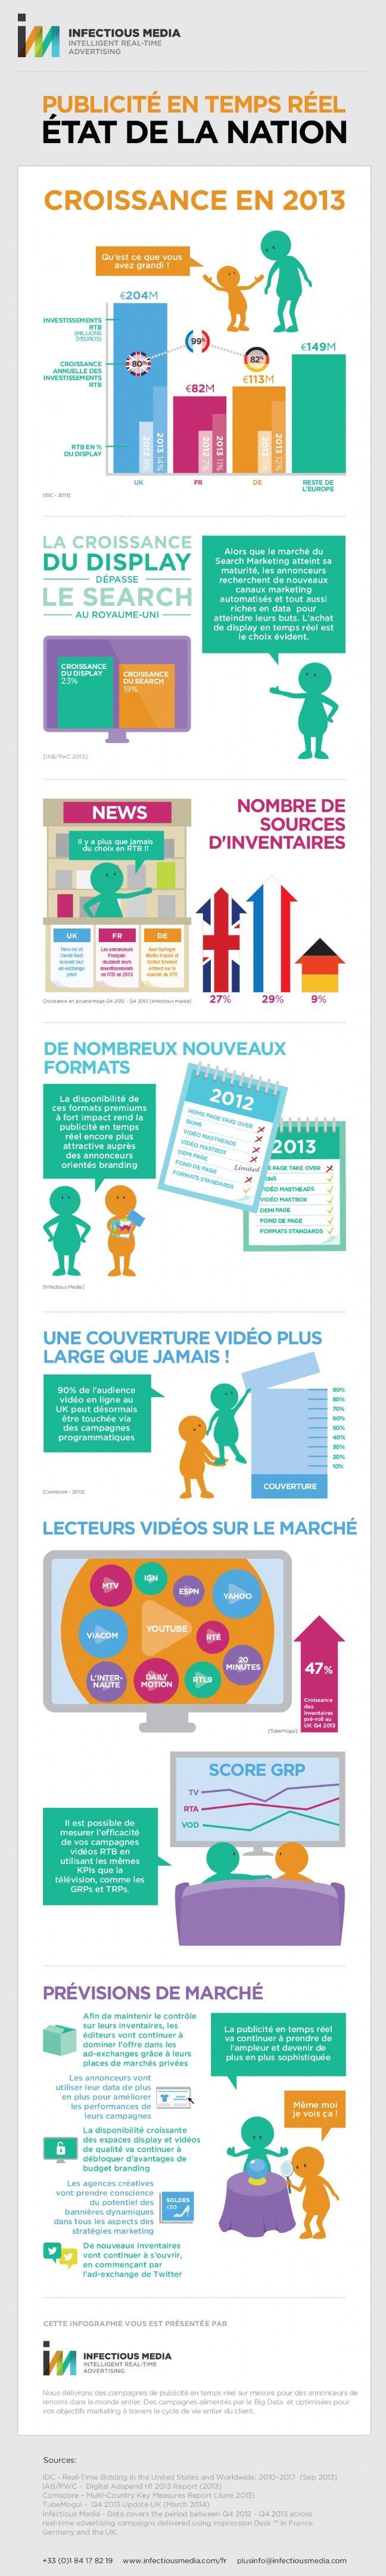 http://www.e-marketing.fr/Thematique/Communication-1005/Publicite-10024/Infographies/Le-RTB-affiche-une-croissance-de-99-en-France-254138.htm?utm_source=EMKG_04_05_2015